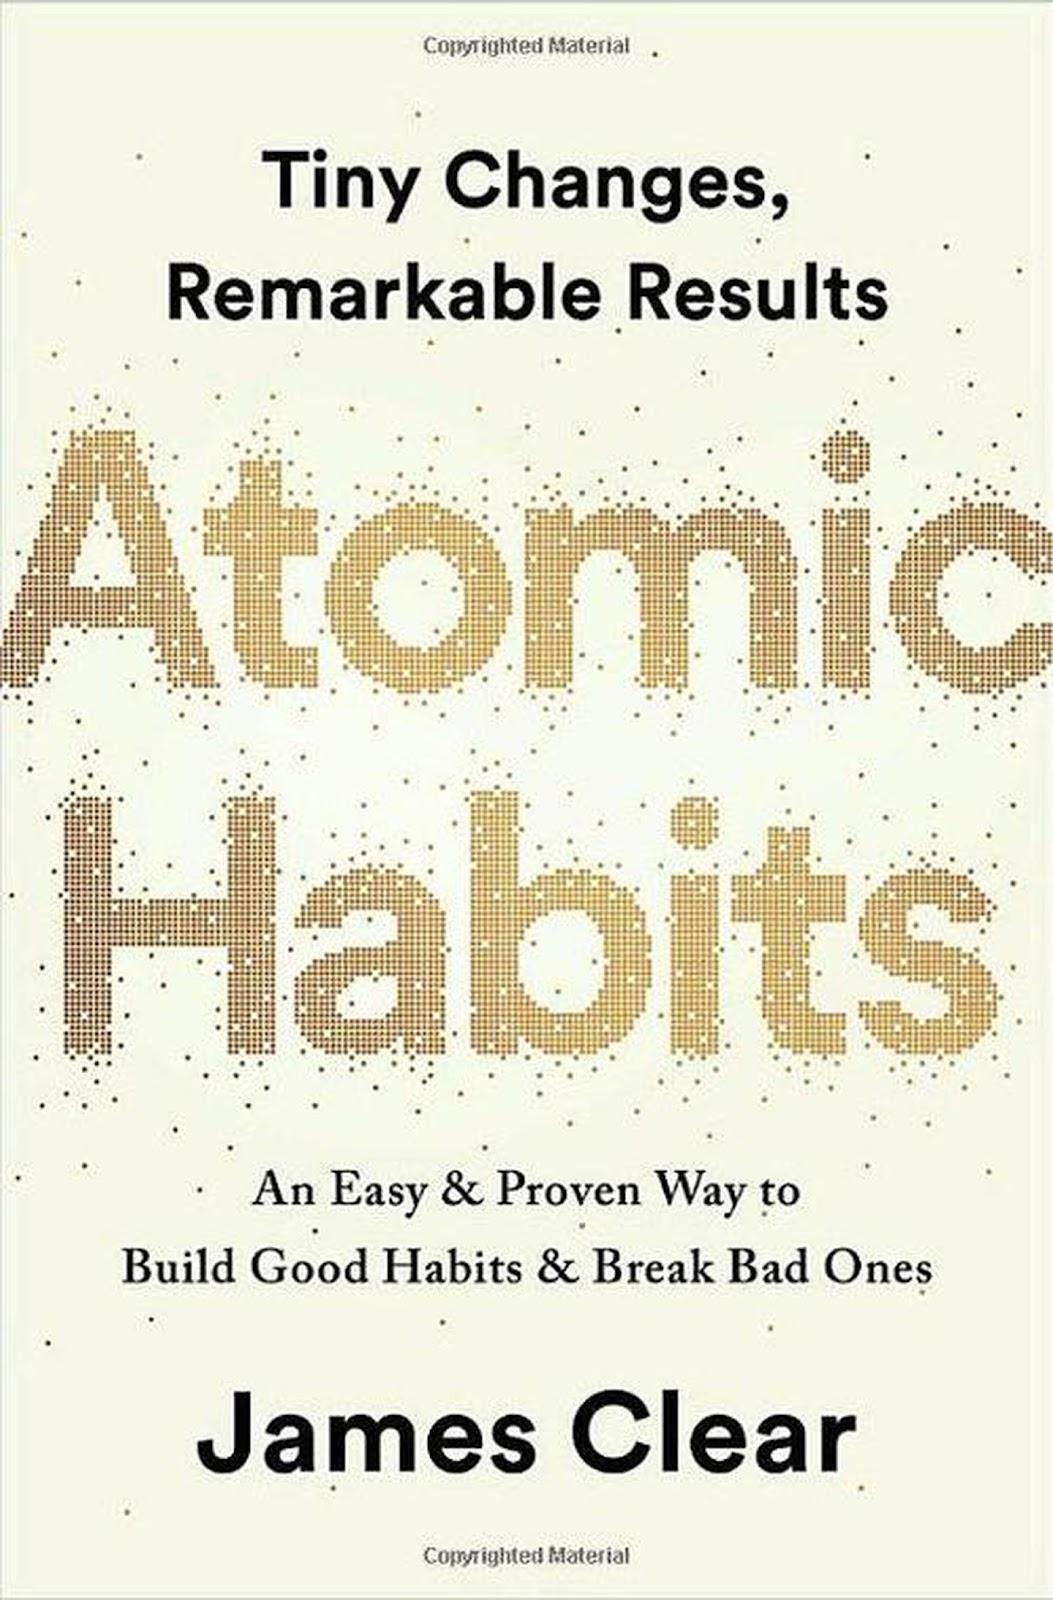 《原子习惯》---关于如何养成习惯的整理